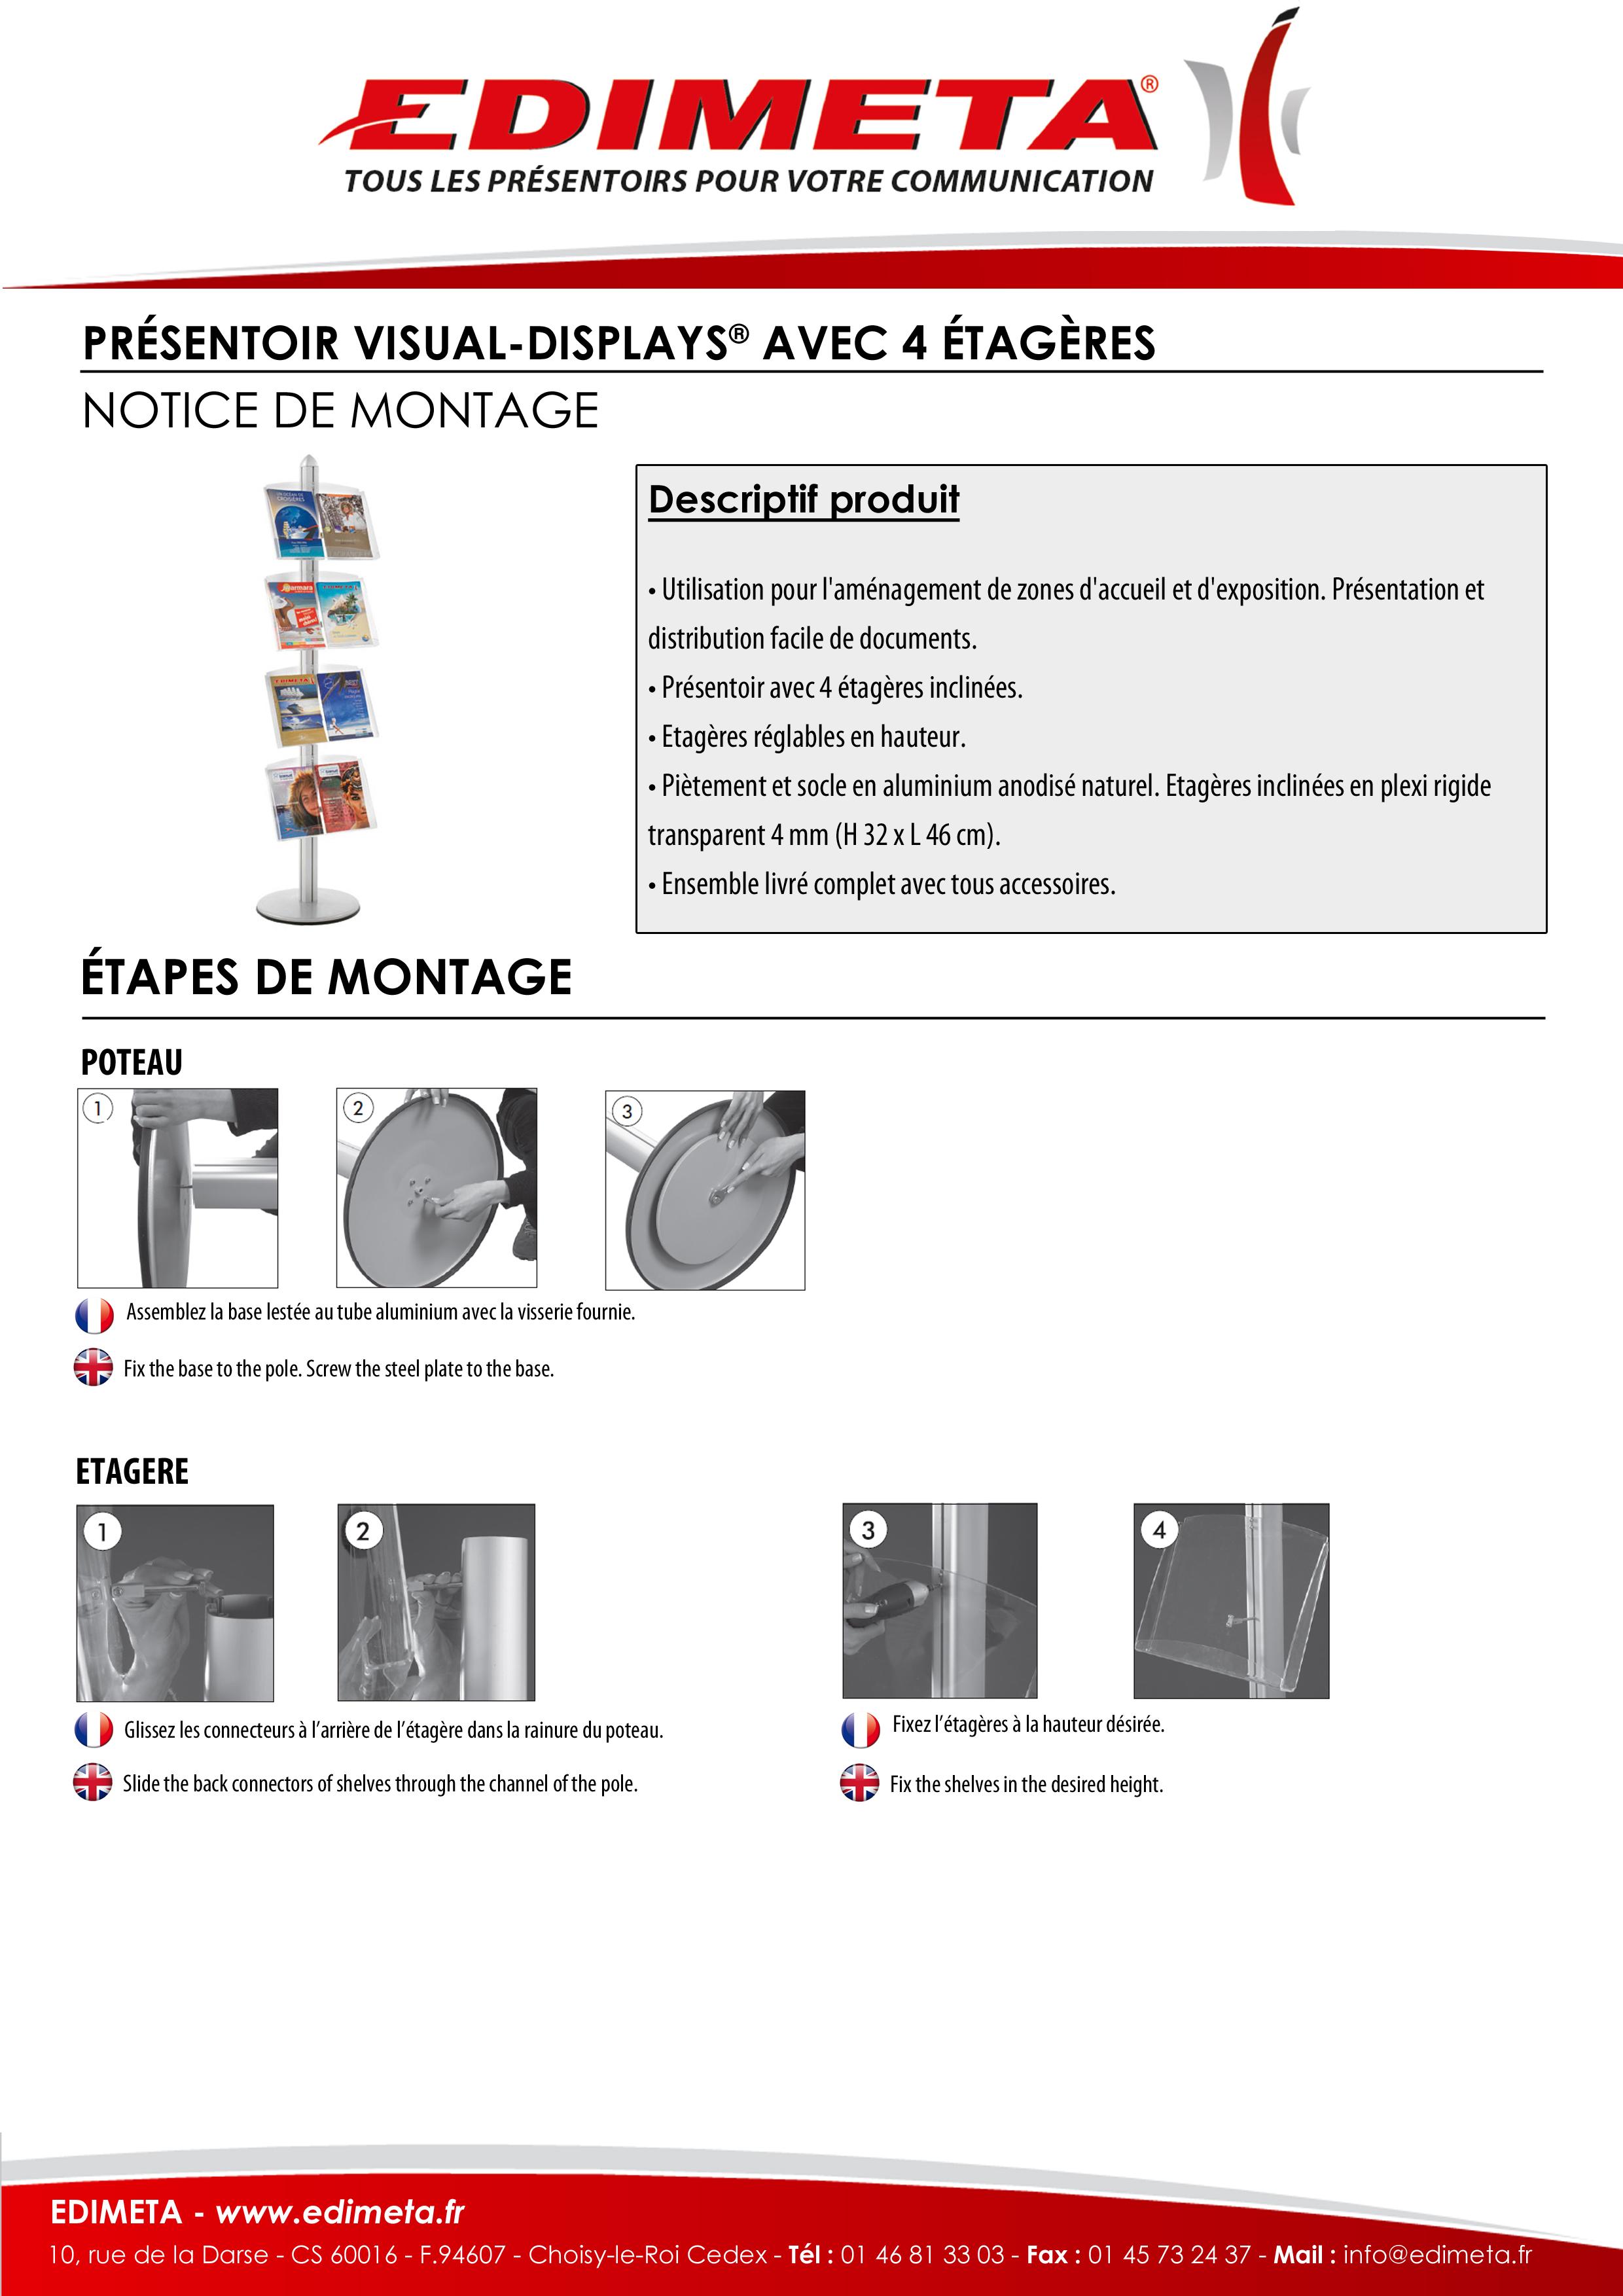 NOTICE DE MONTAGE : PRÉSENTOIR VISUAL-DISPLAYS® AVEC 4 ÉTAGÈRES